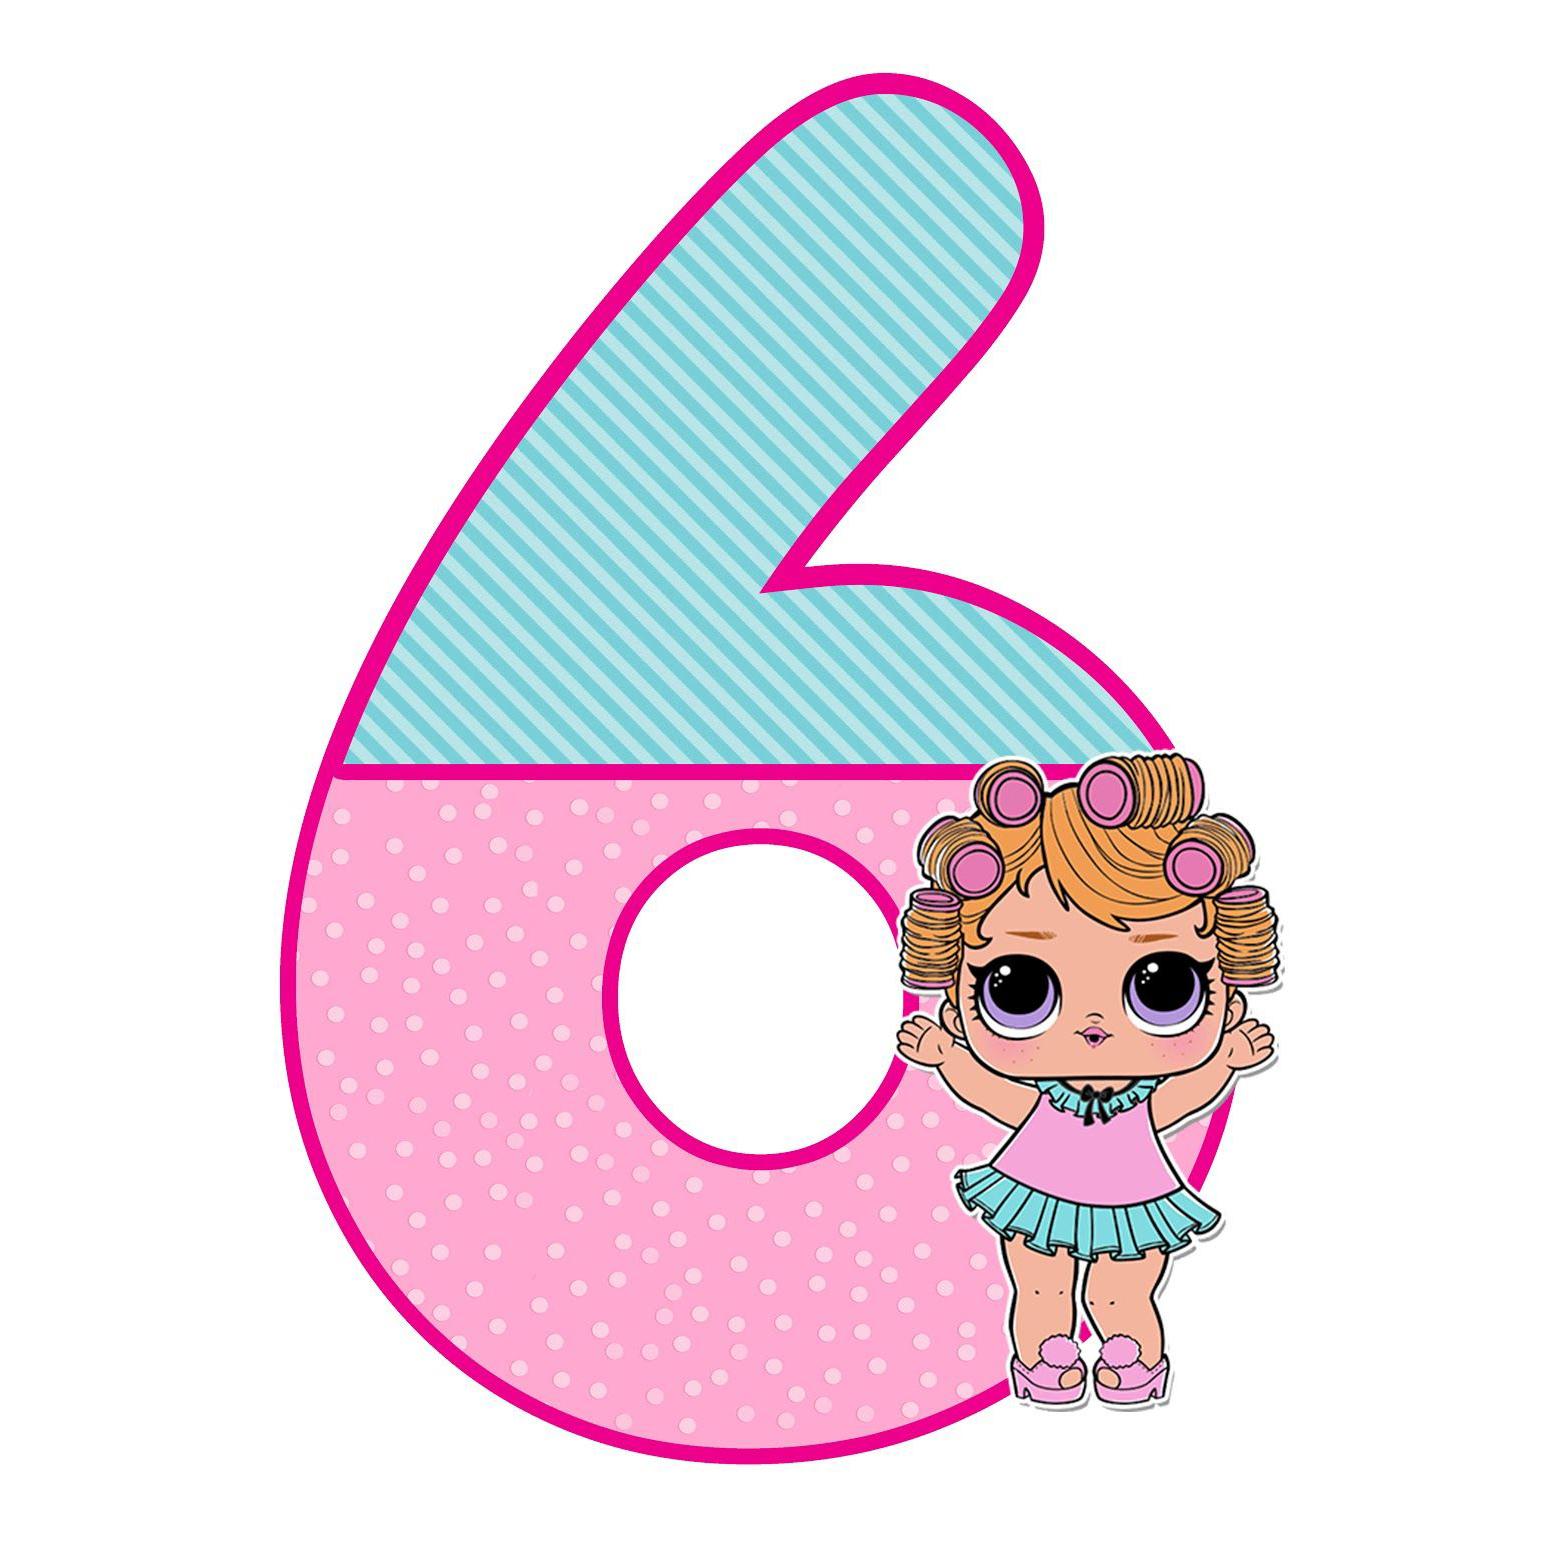 Поздравление с днем рождения девочке 6 лет картинки с лол, днем